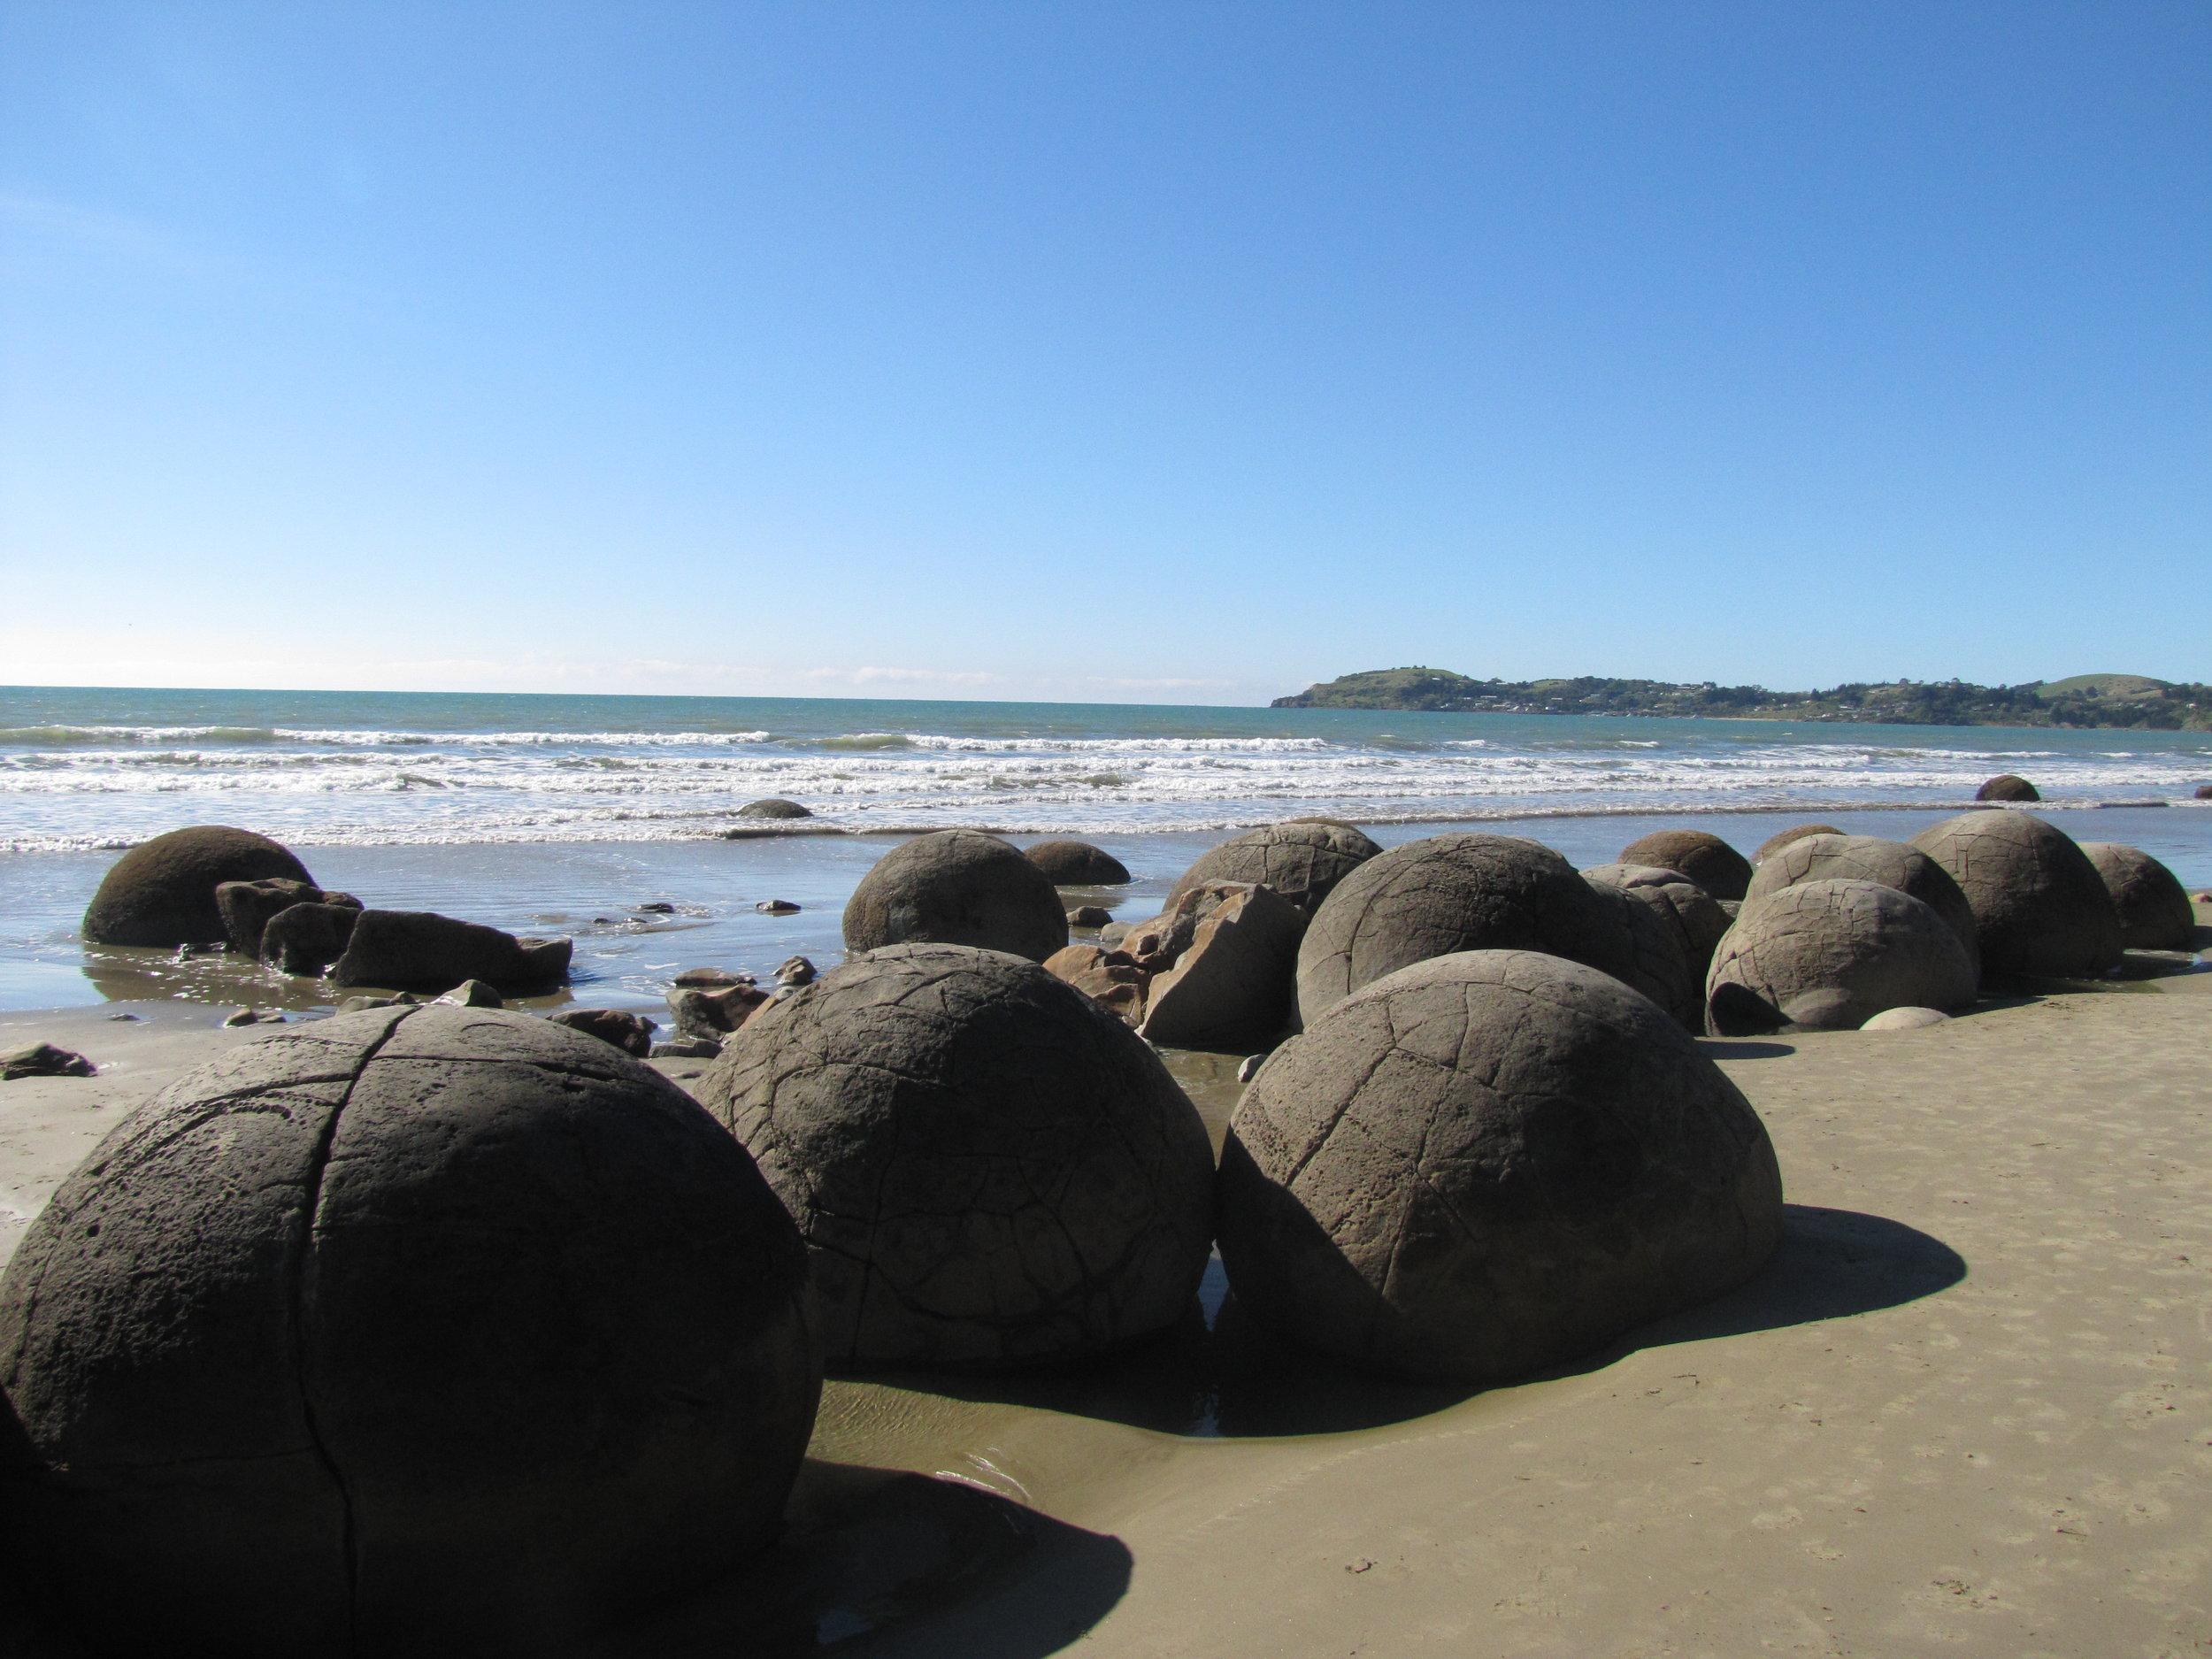 60 million year old Moeraki Boulders